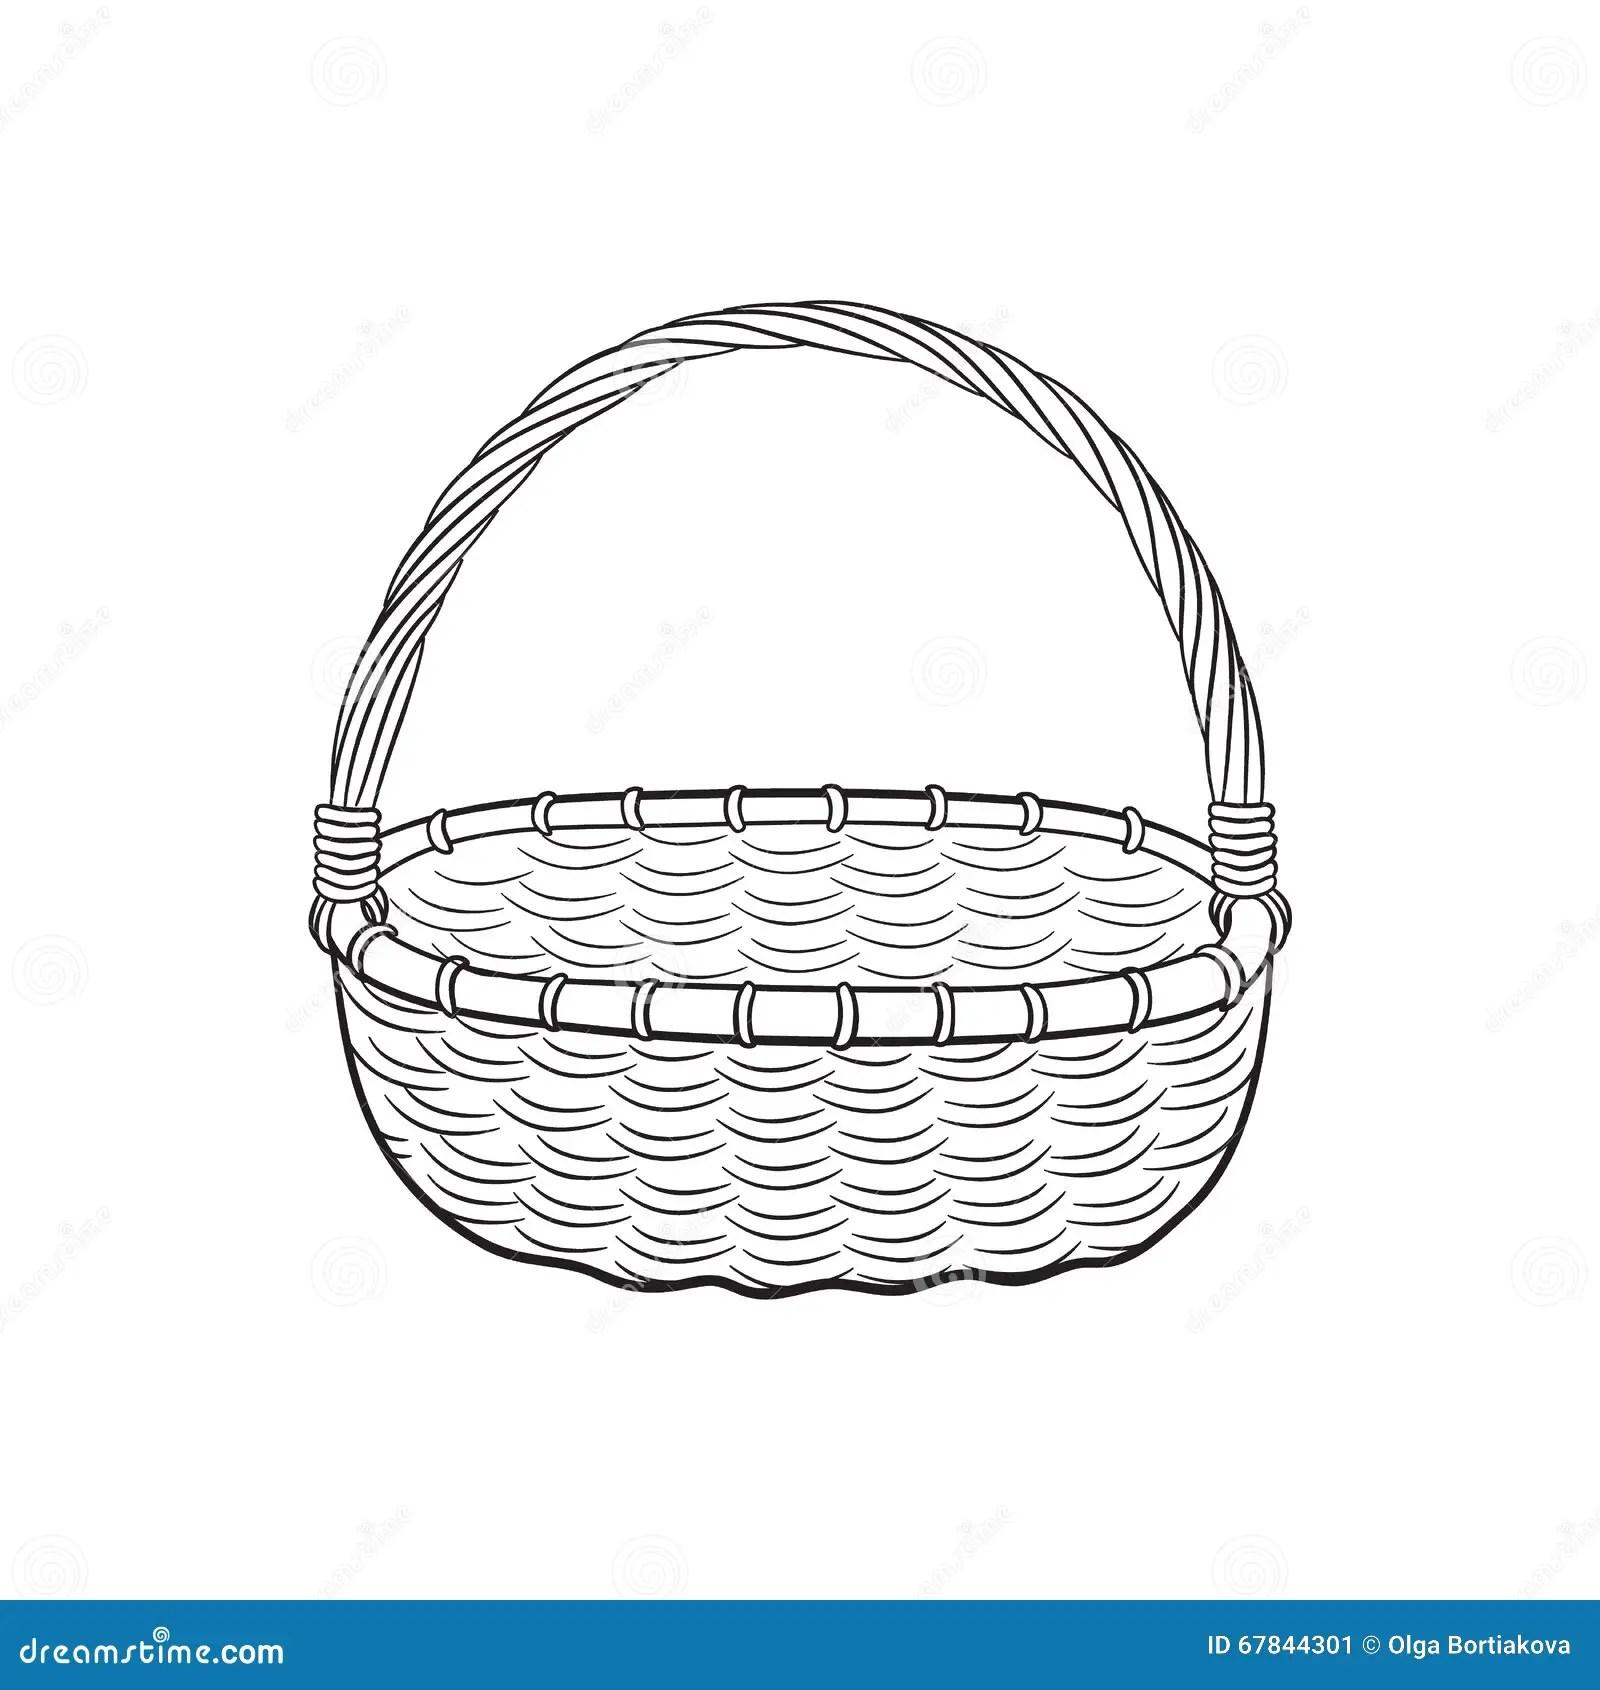 Picnic Basket Outline Stock Vector Illustration Of Basket